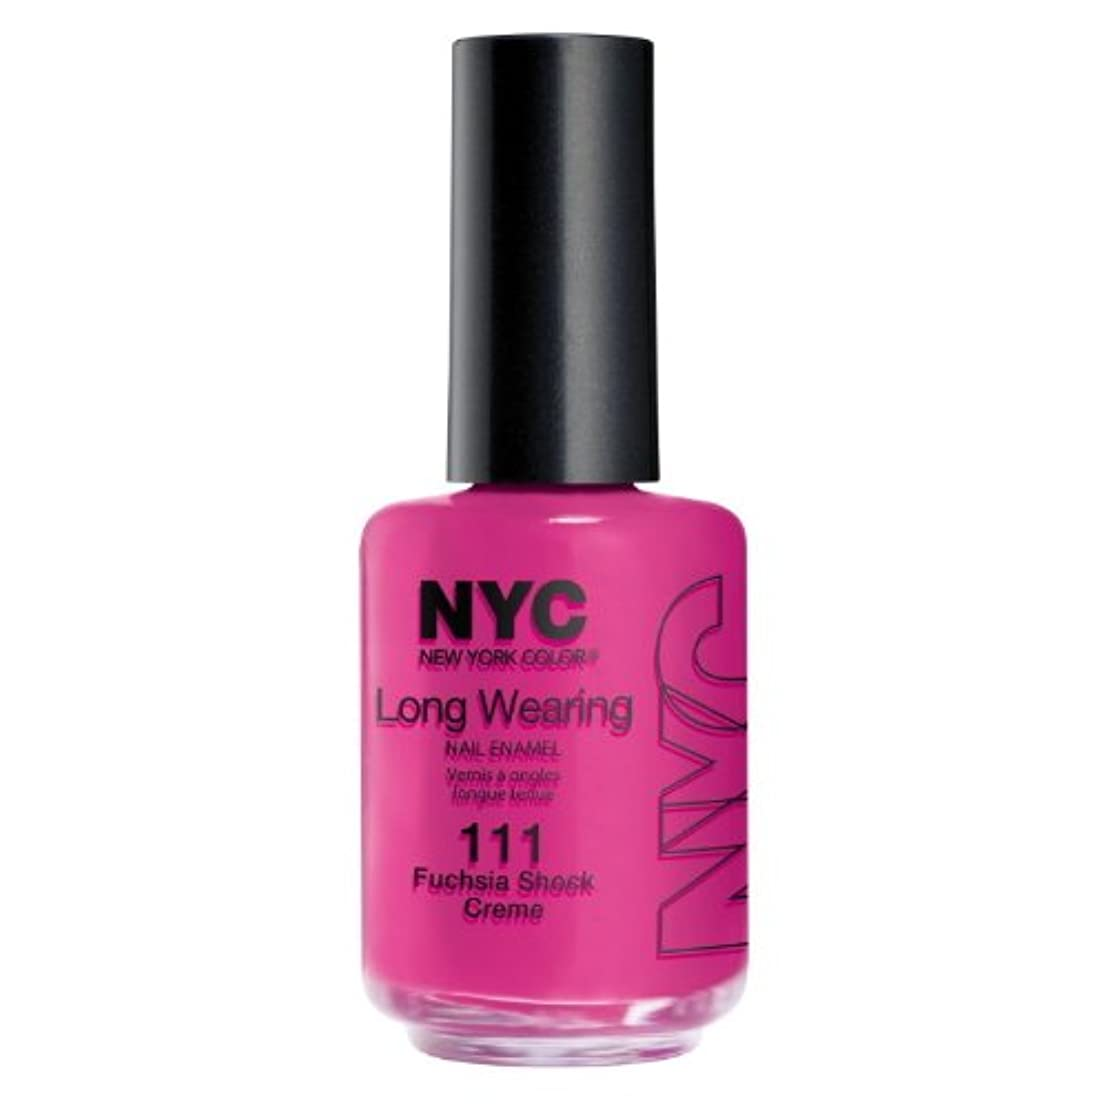 受動的子ほとんどの場合(6 Pack) NYC Long Wearing Nail Enamel - Fuchisia Shock Creme (並行輸入品)